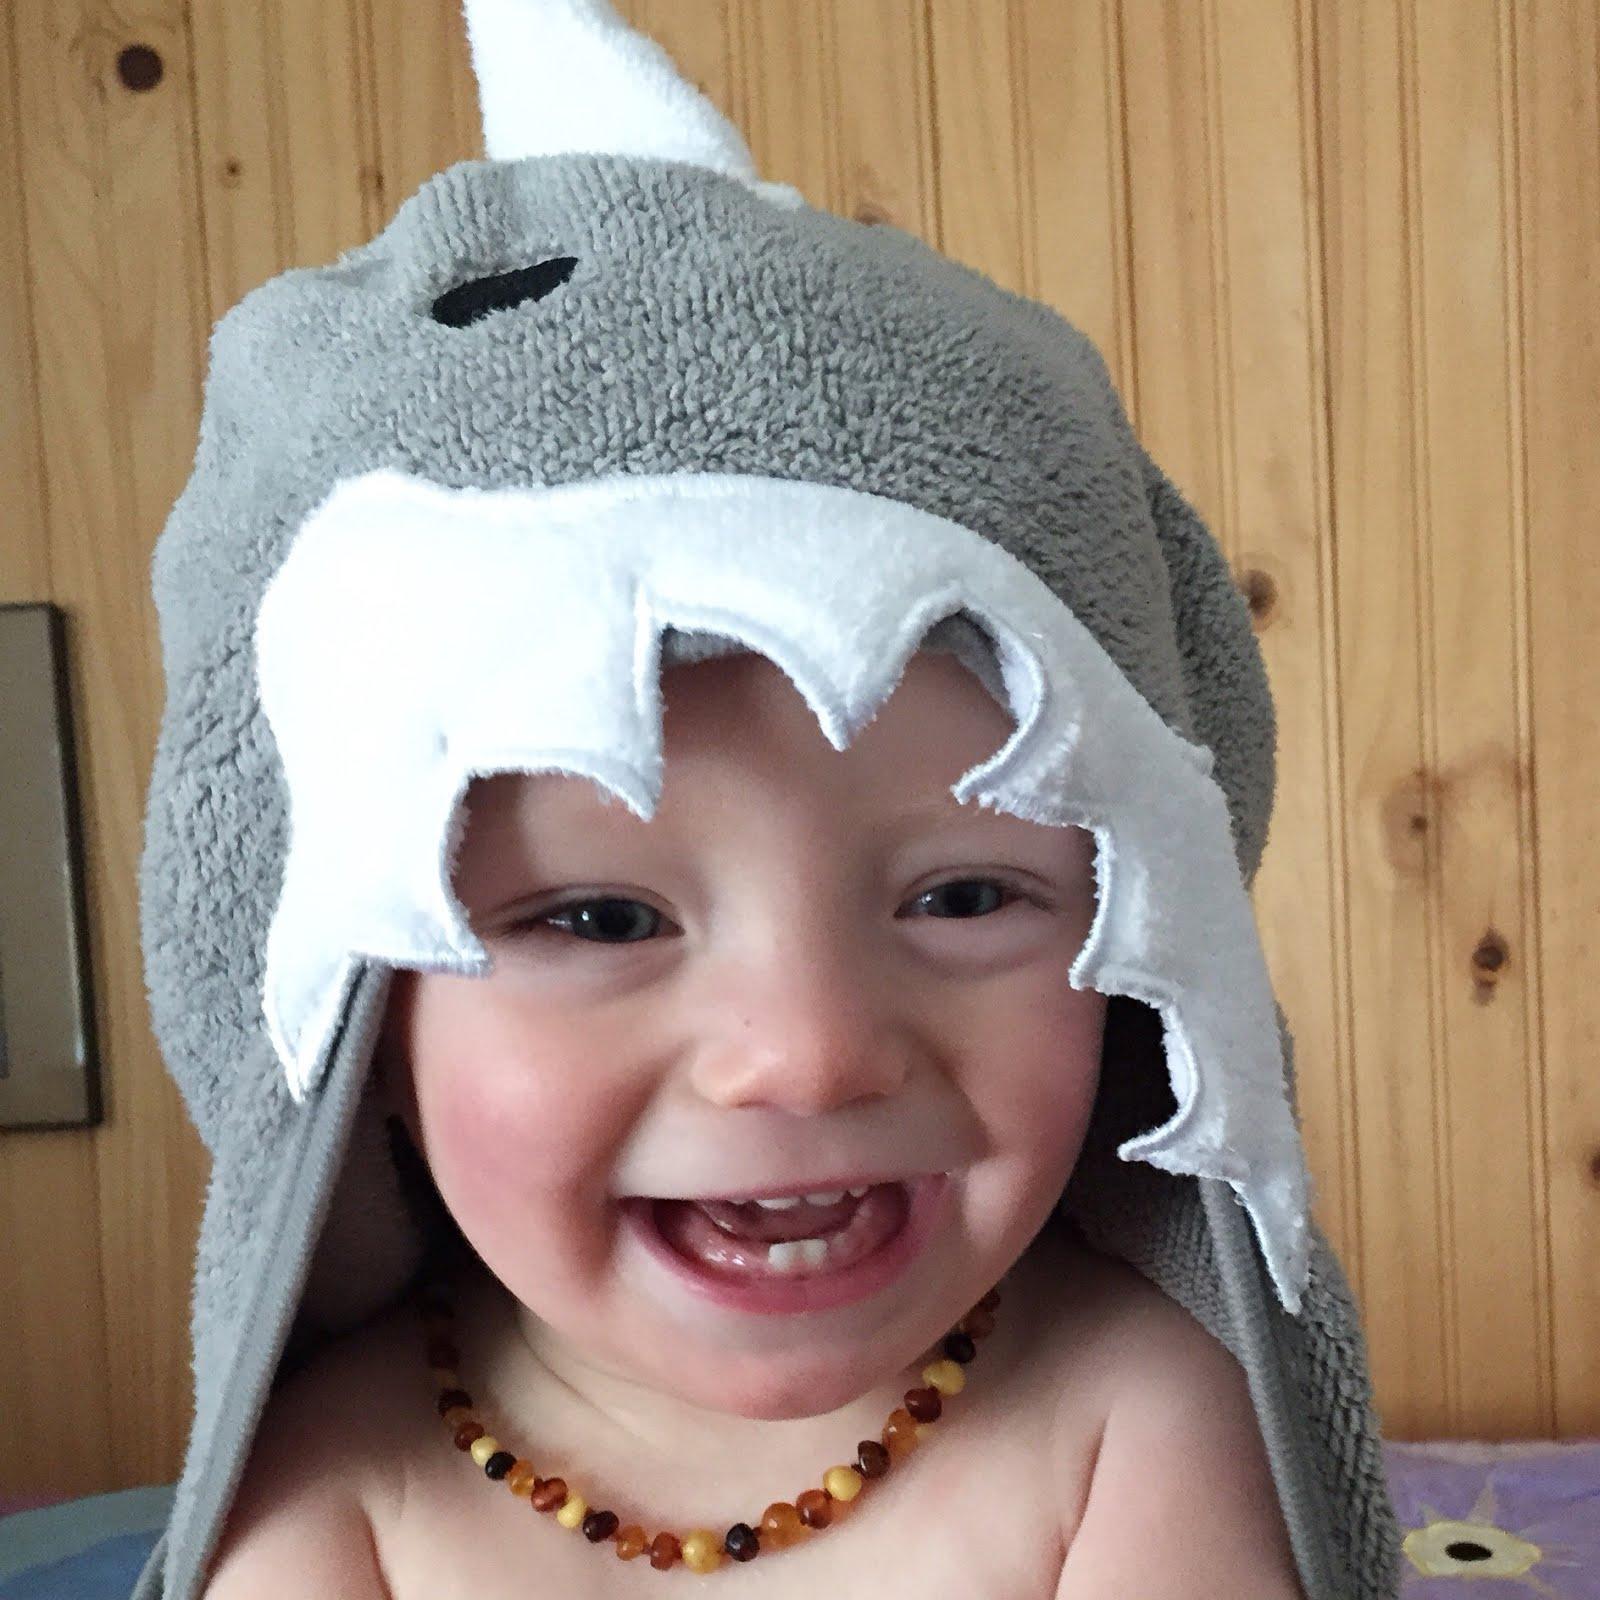 Loxxley Koakai Hebb-Our Smiley 2lb. Preemie